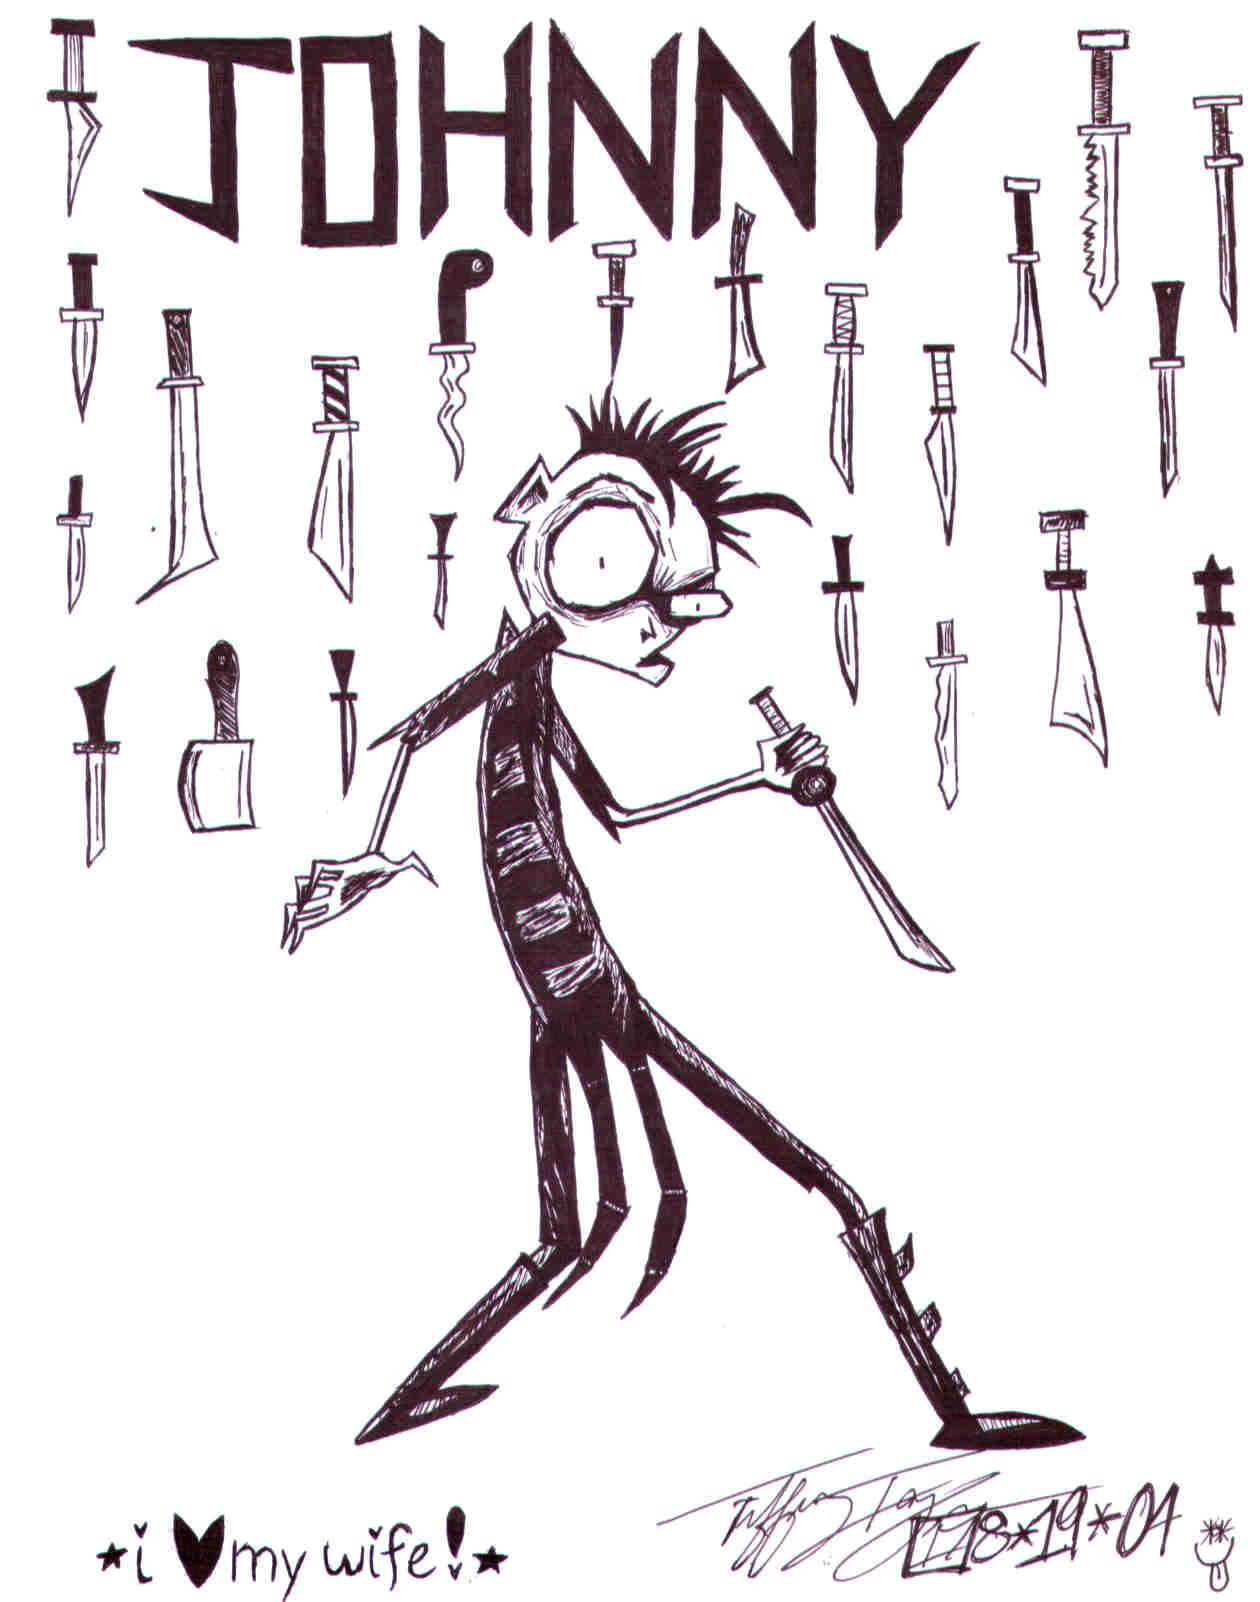 JTHM by InkMunkY